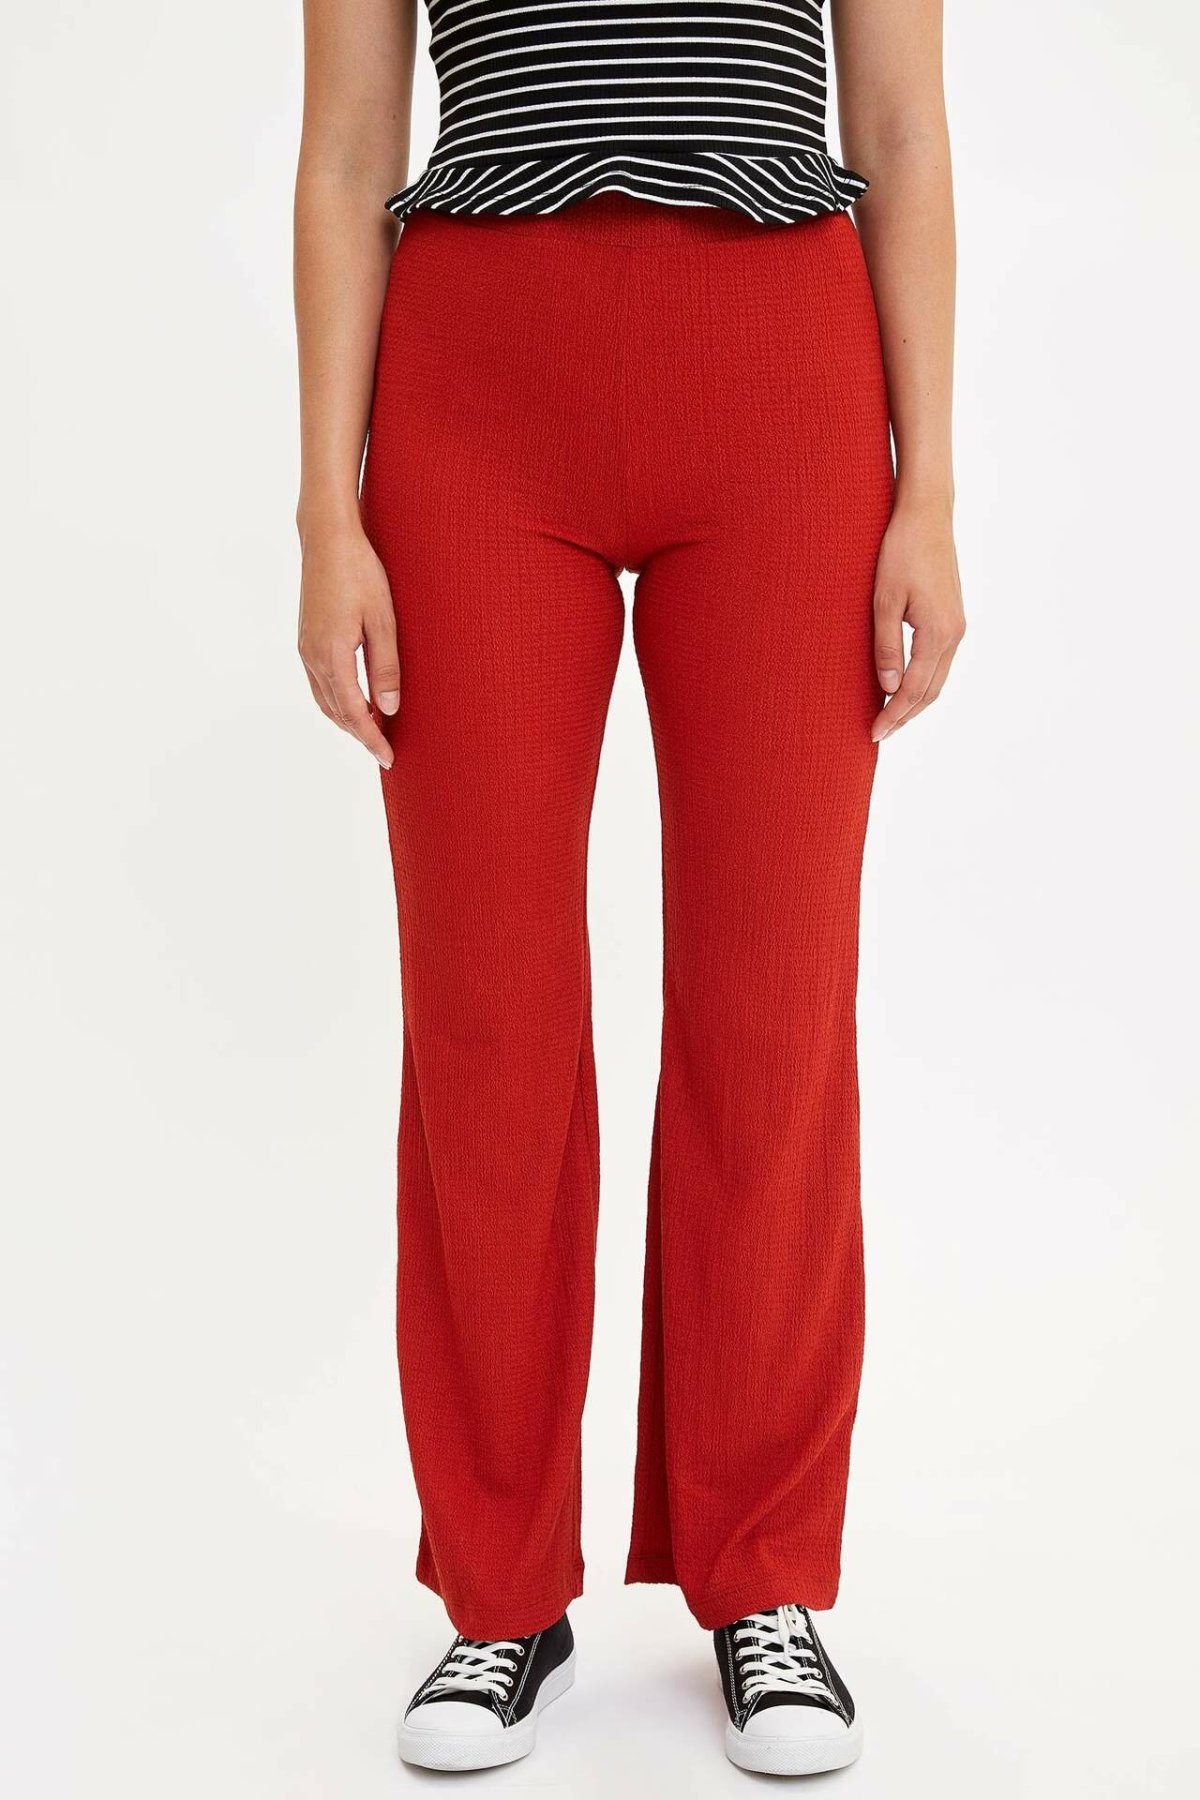 DeFacto Woman Summer Red Color Long Pants Women Casual Mid-waist Wide-leg Bottoms Female Fit Trousers-L4790AZ19SM